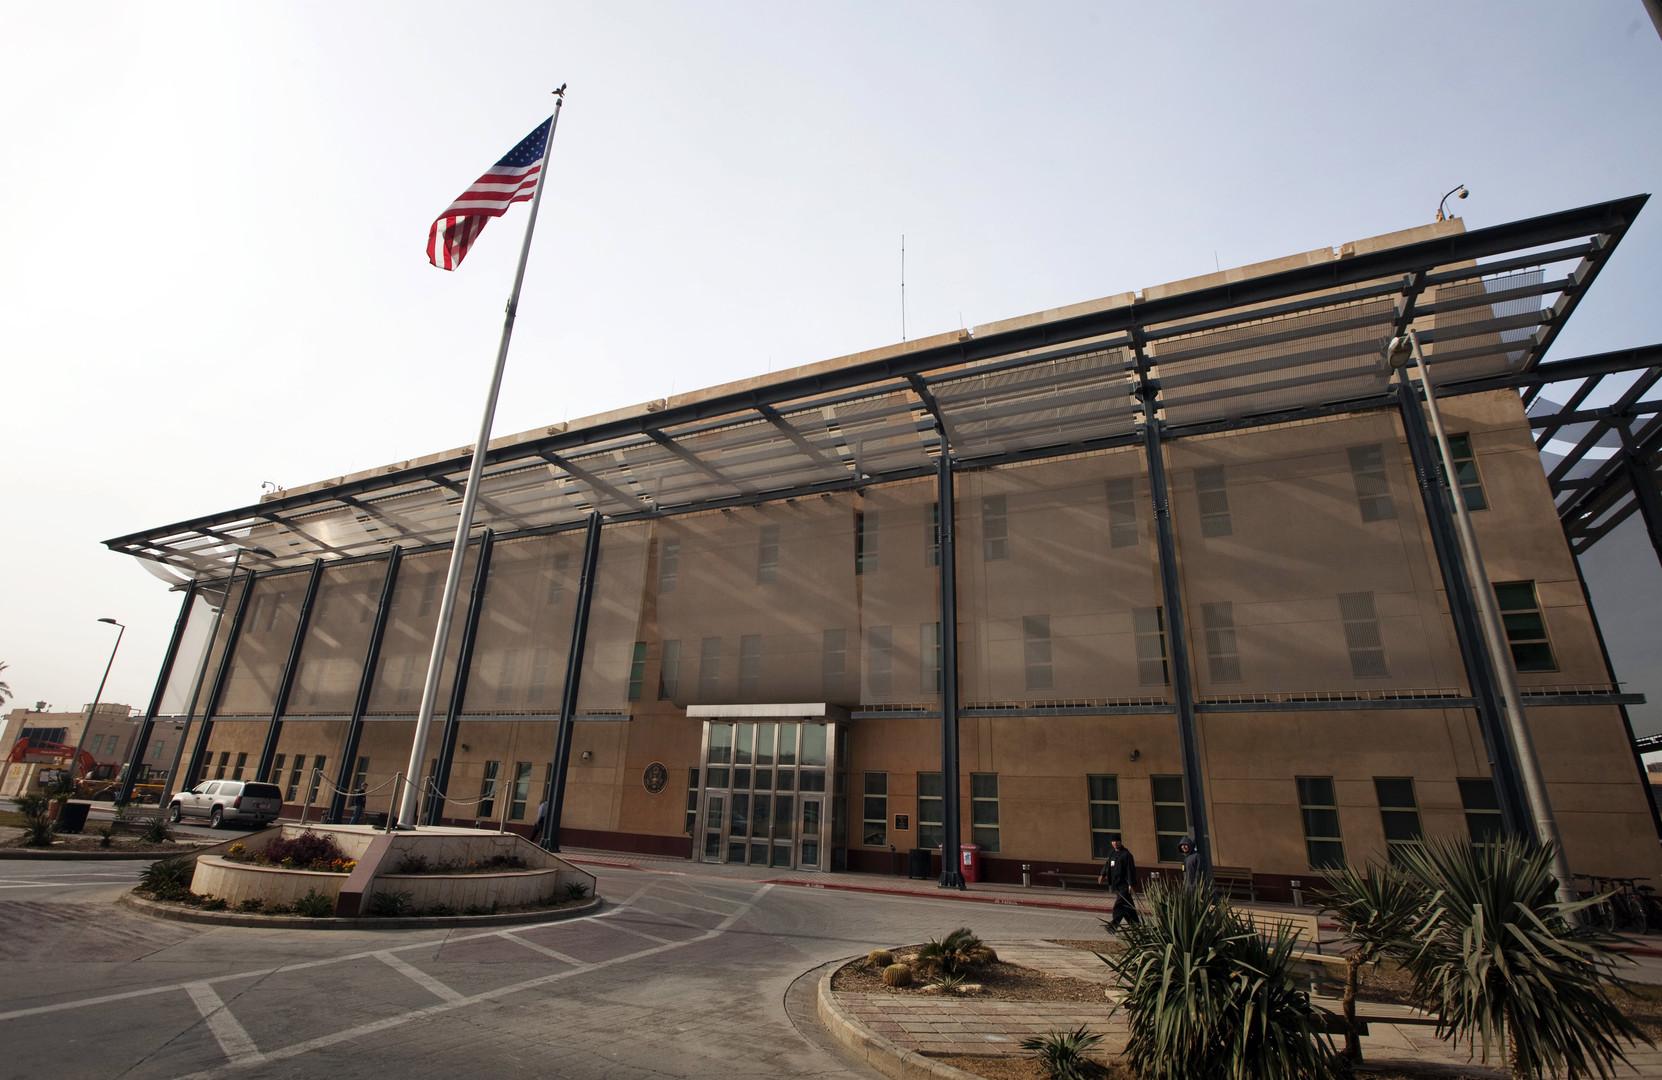 السفارة الأمريكية: واشنطن ستواصل مساءلة العراقيين المتورطين بالانتهاكات والفساد